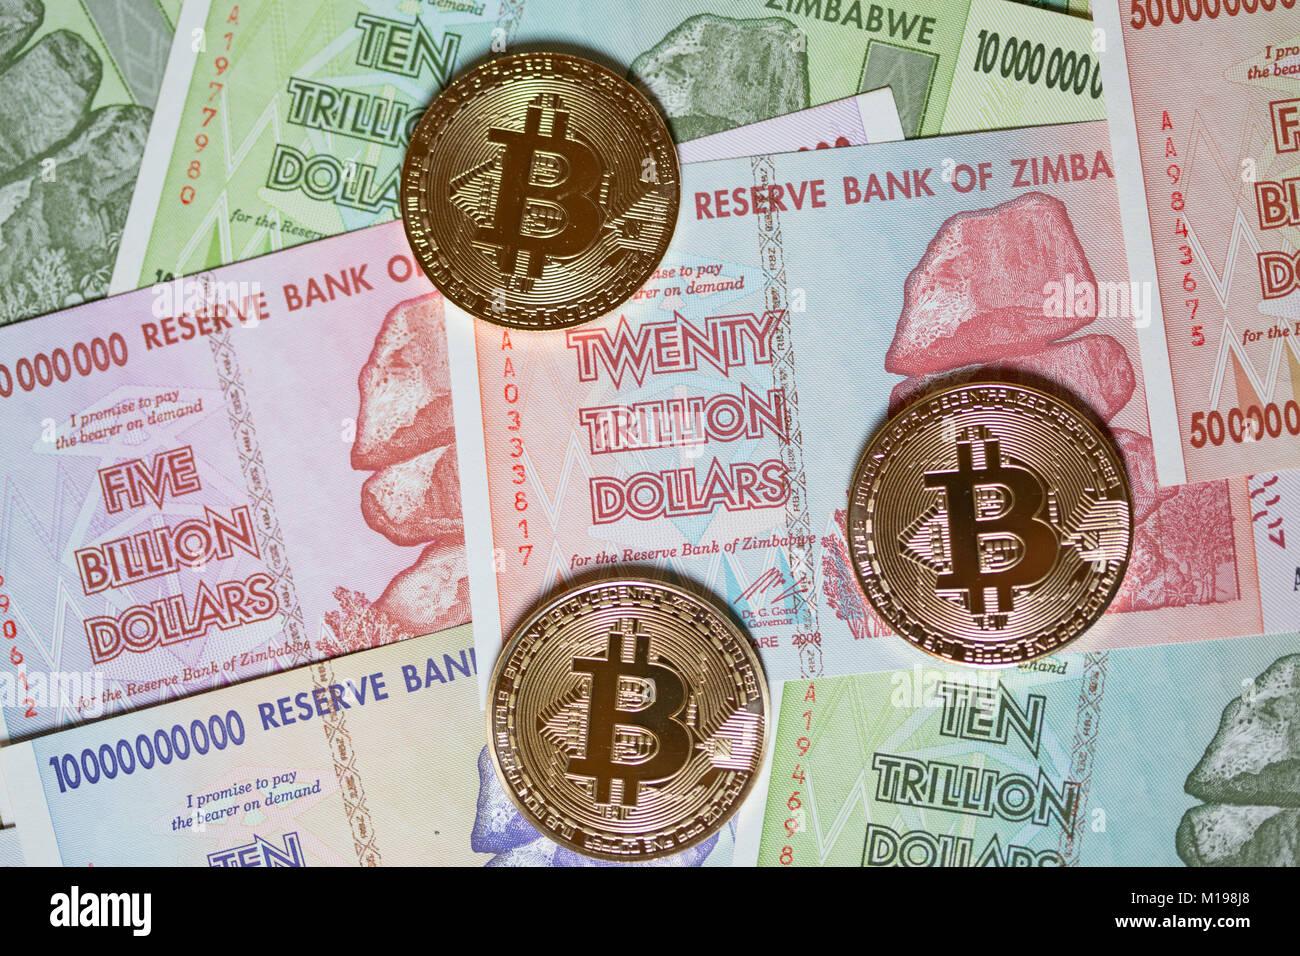 Zimbabwe Economy Concept Stock Photos & Zimbabwe Economy Concept